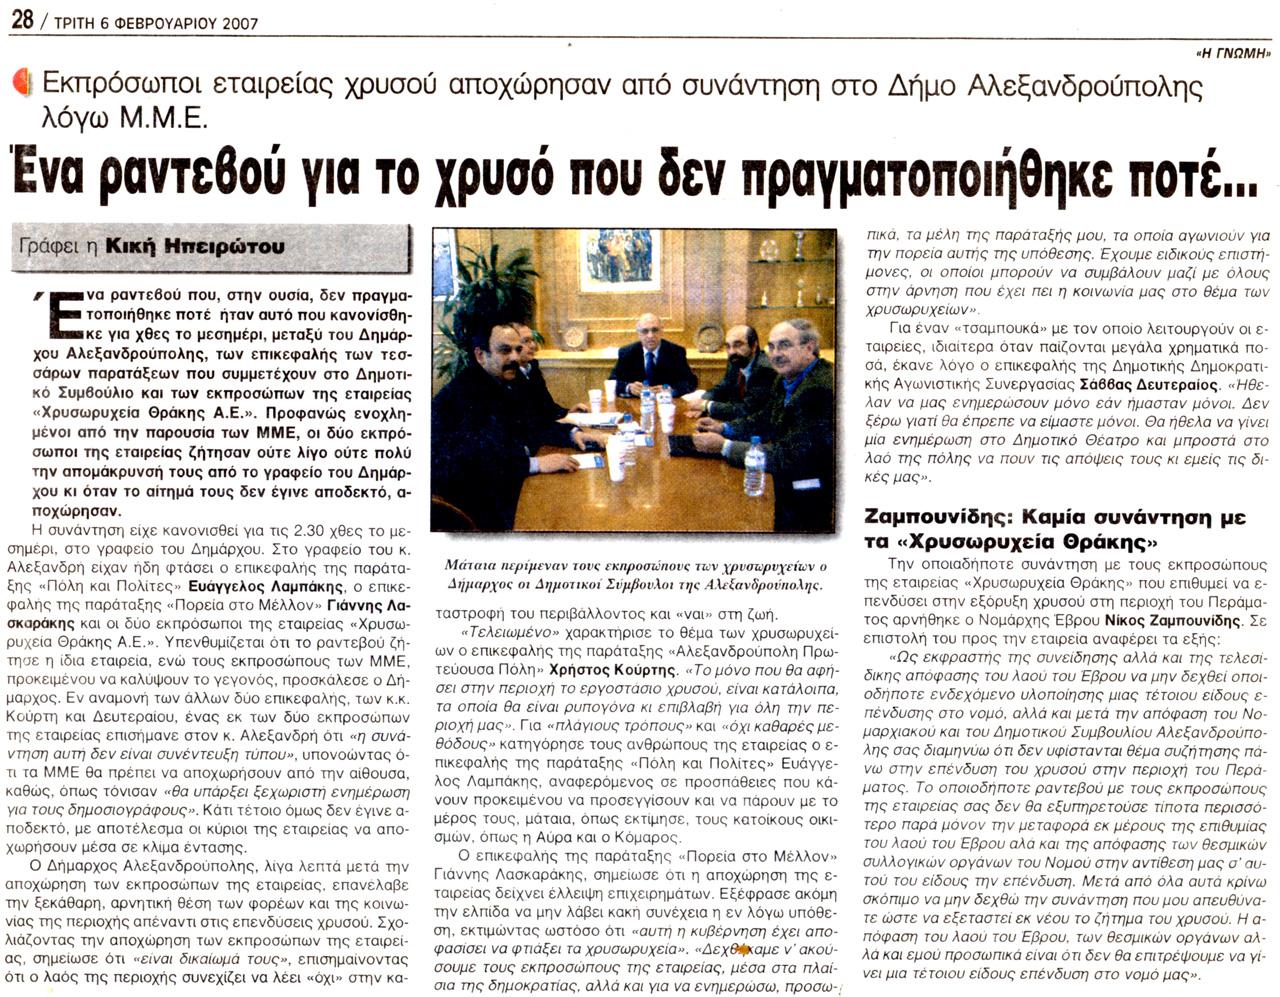 """Ματαίωση συνάντησης αρχηγών παρατάξεων με """"Χρυσωρυχεία Θράκης Α.Ε."""" λόγω παρουσίας των ΜΜΕ (Γνώμη, 6/2/2007)"""